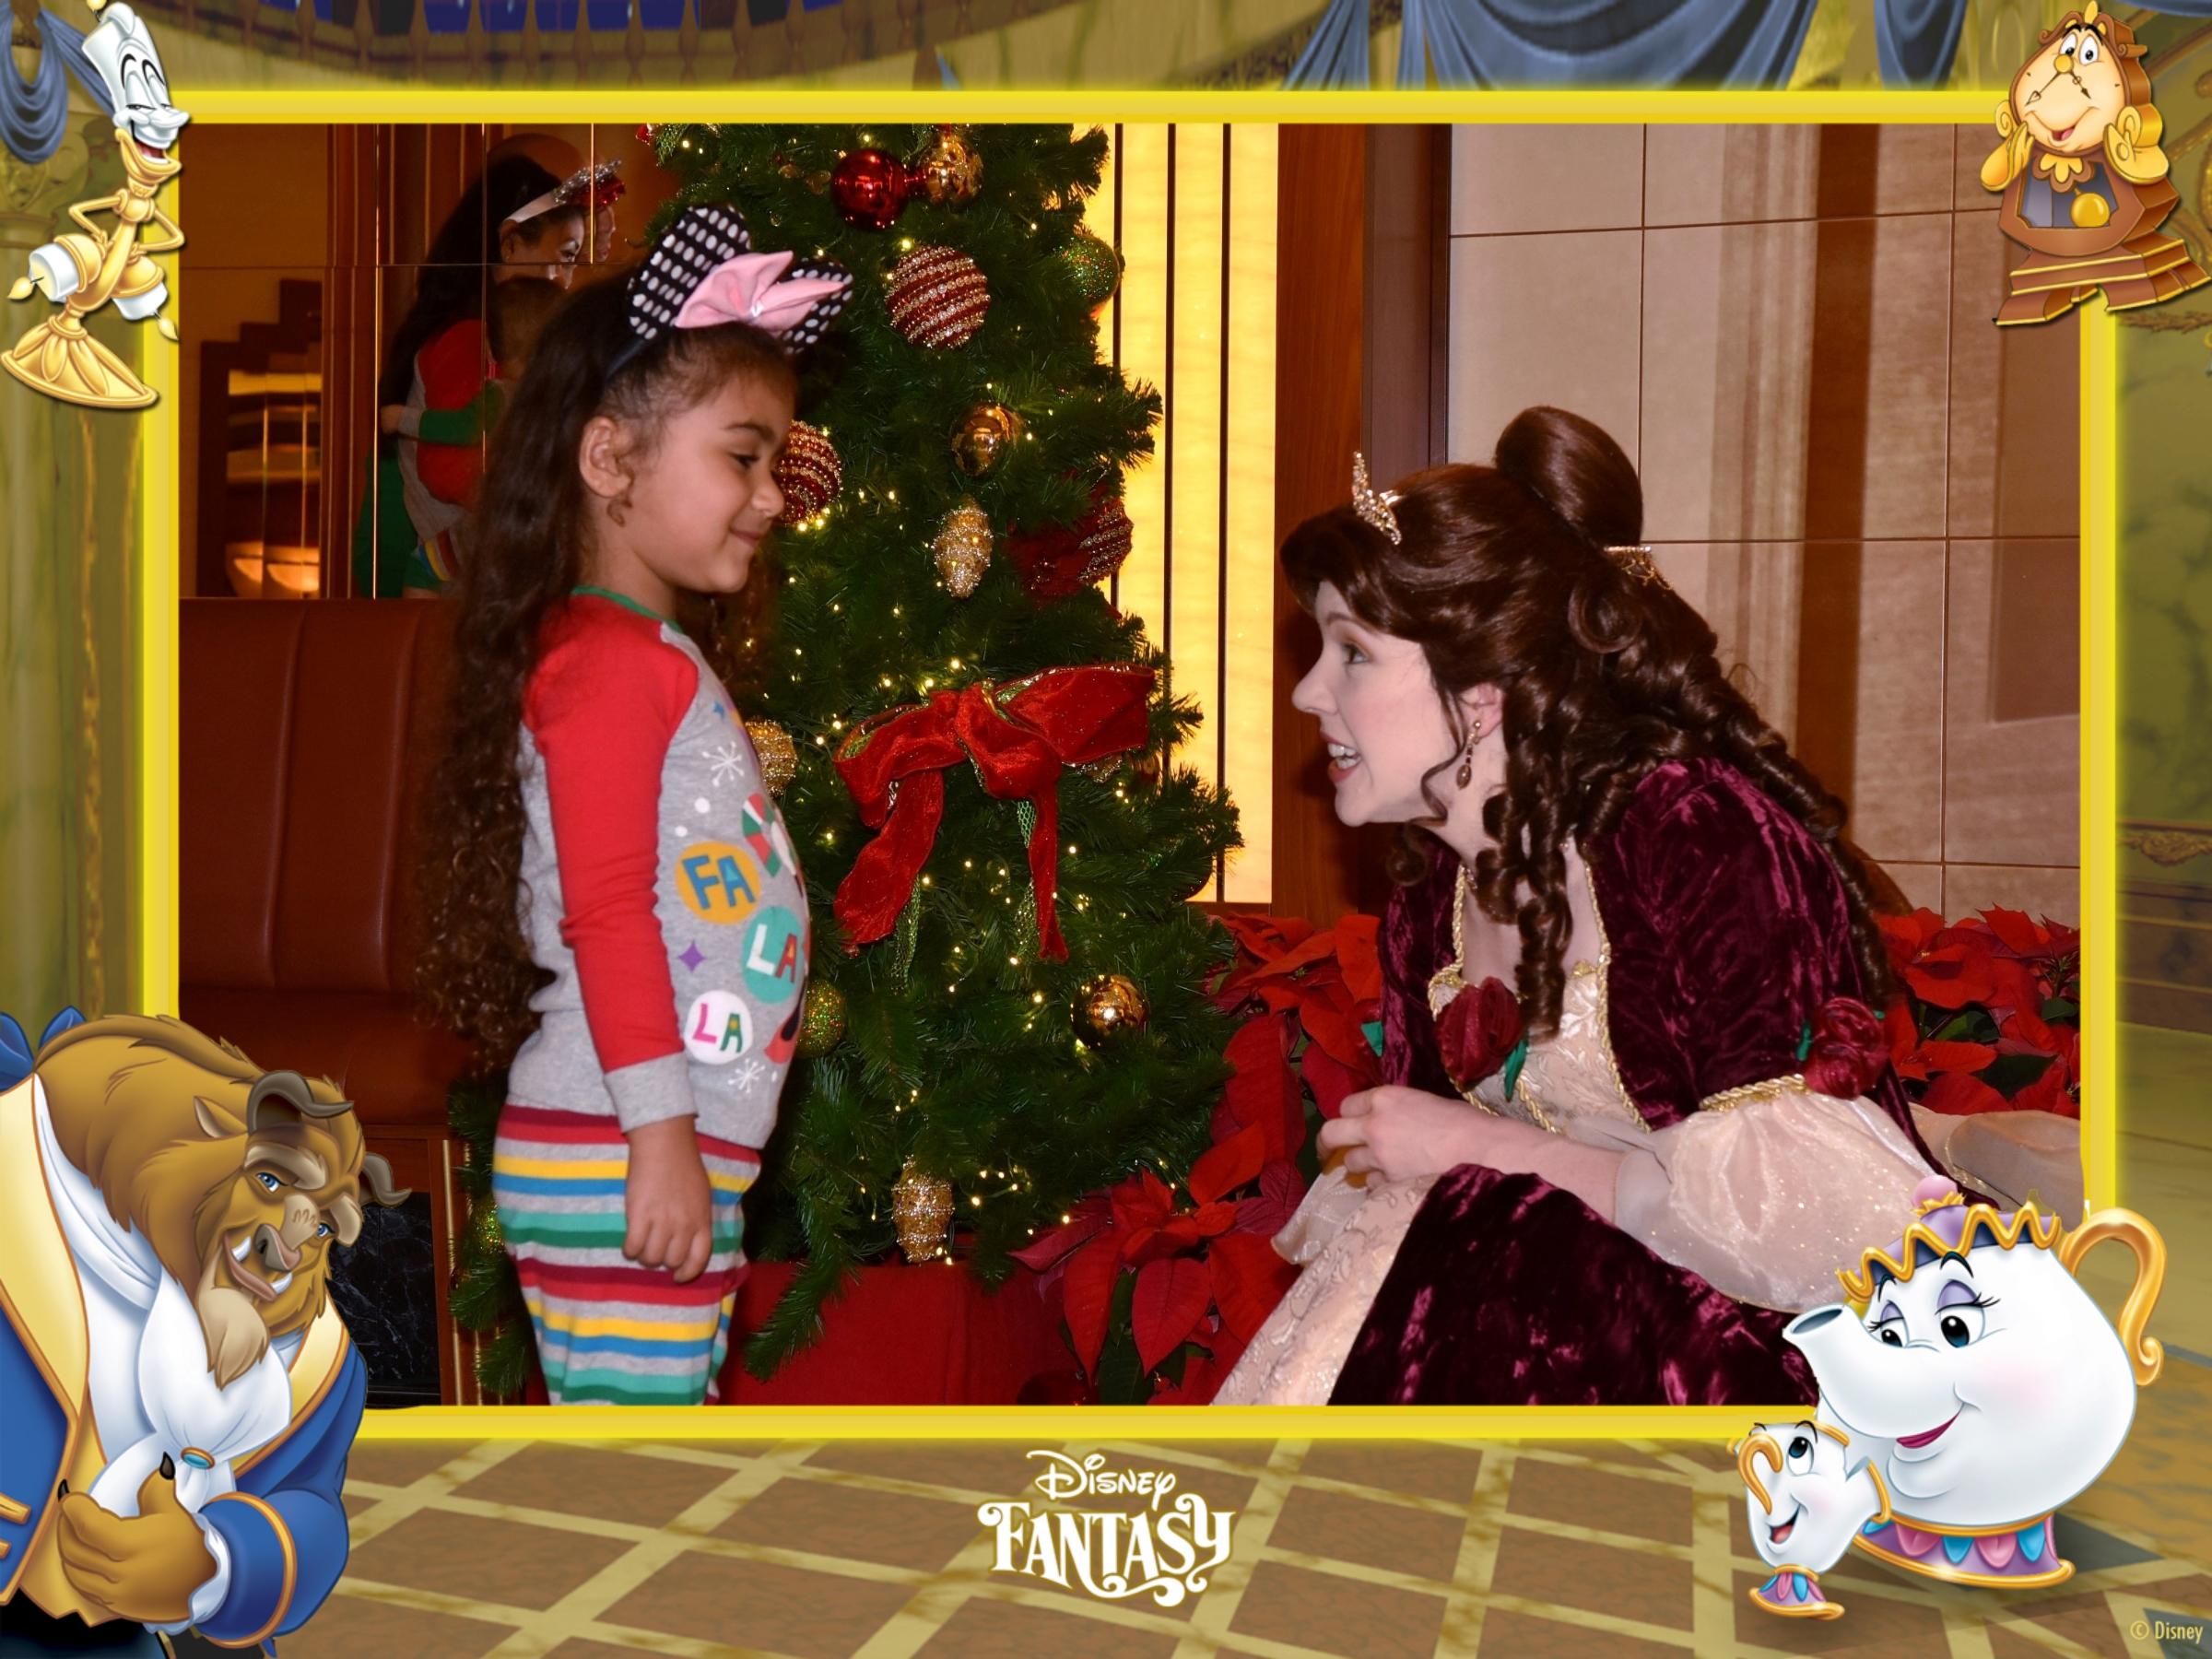 351-87497786-Princesses P Belle 4 MS-40597_GPR.jpg